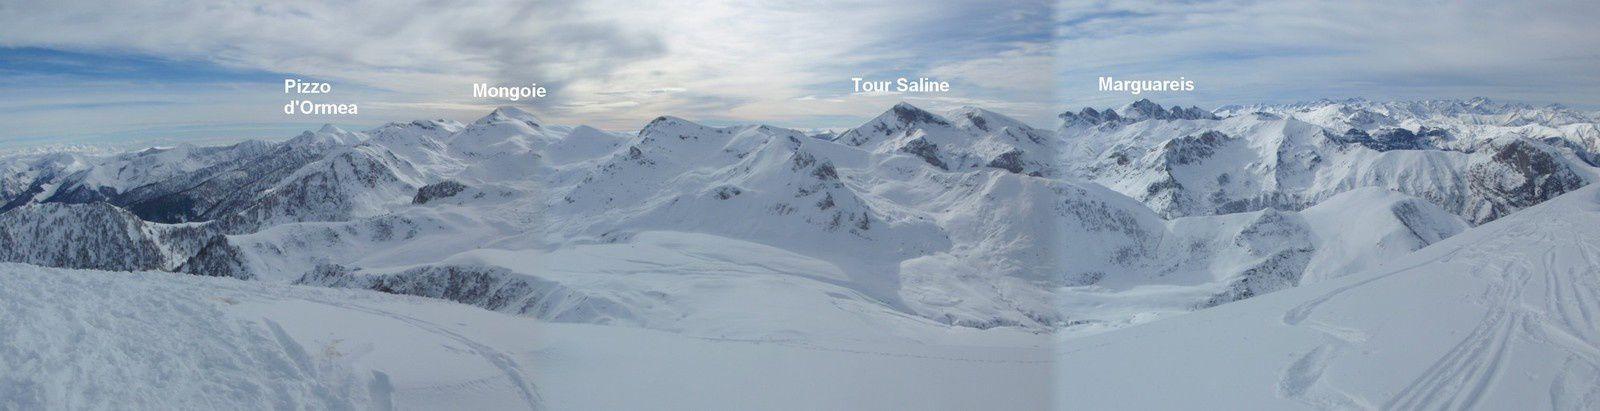 Tout le massif des Alpes Ligures sous le manteau blanc pour une journée de neige rêvée.